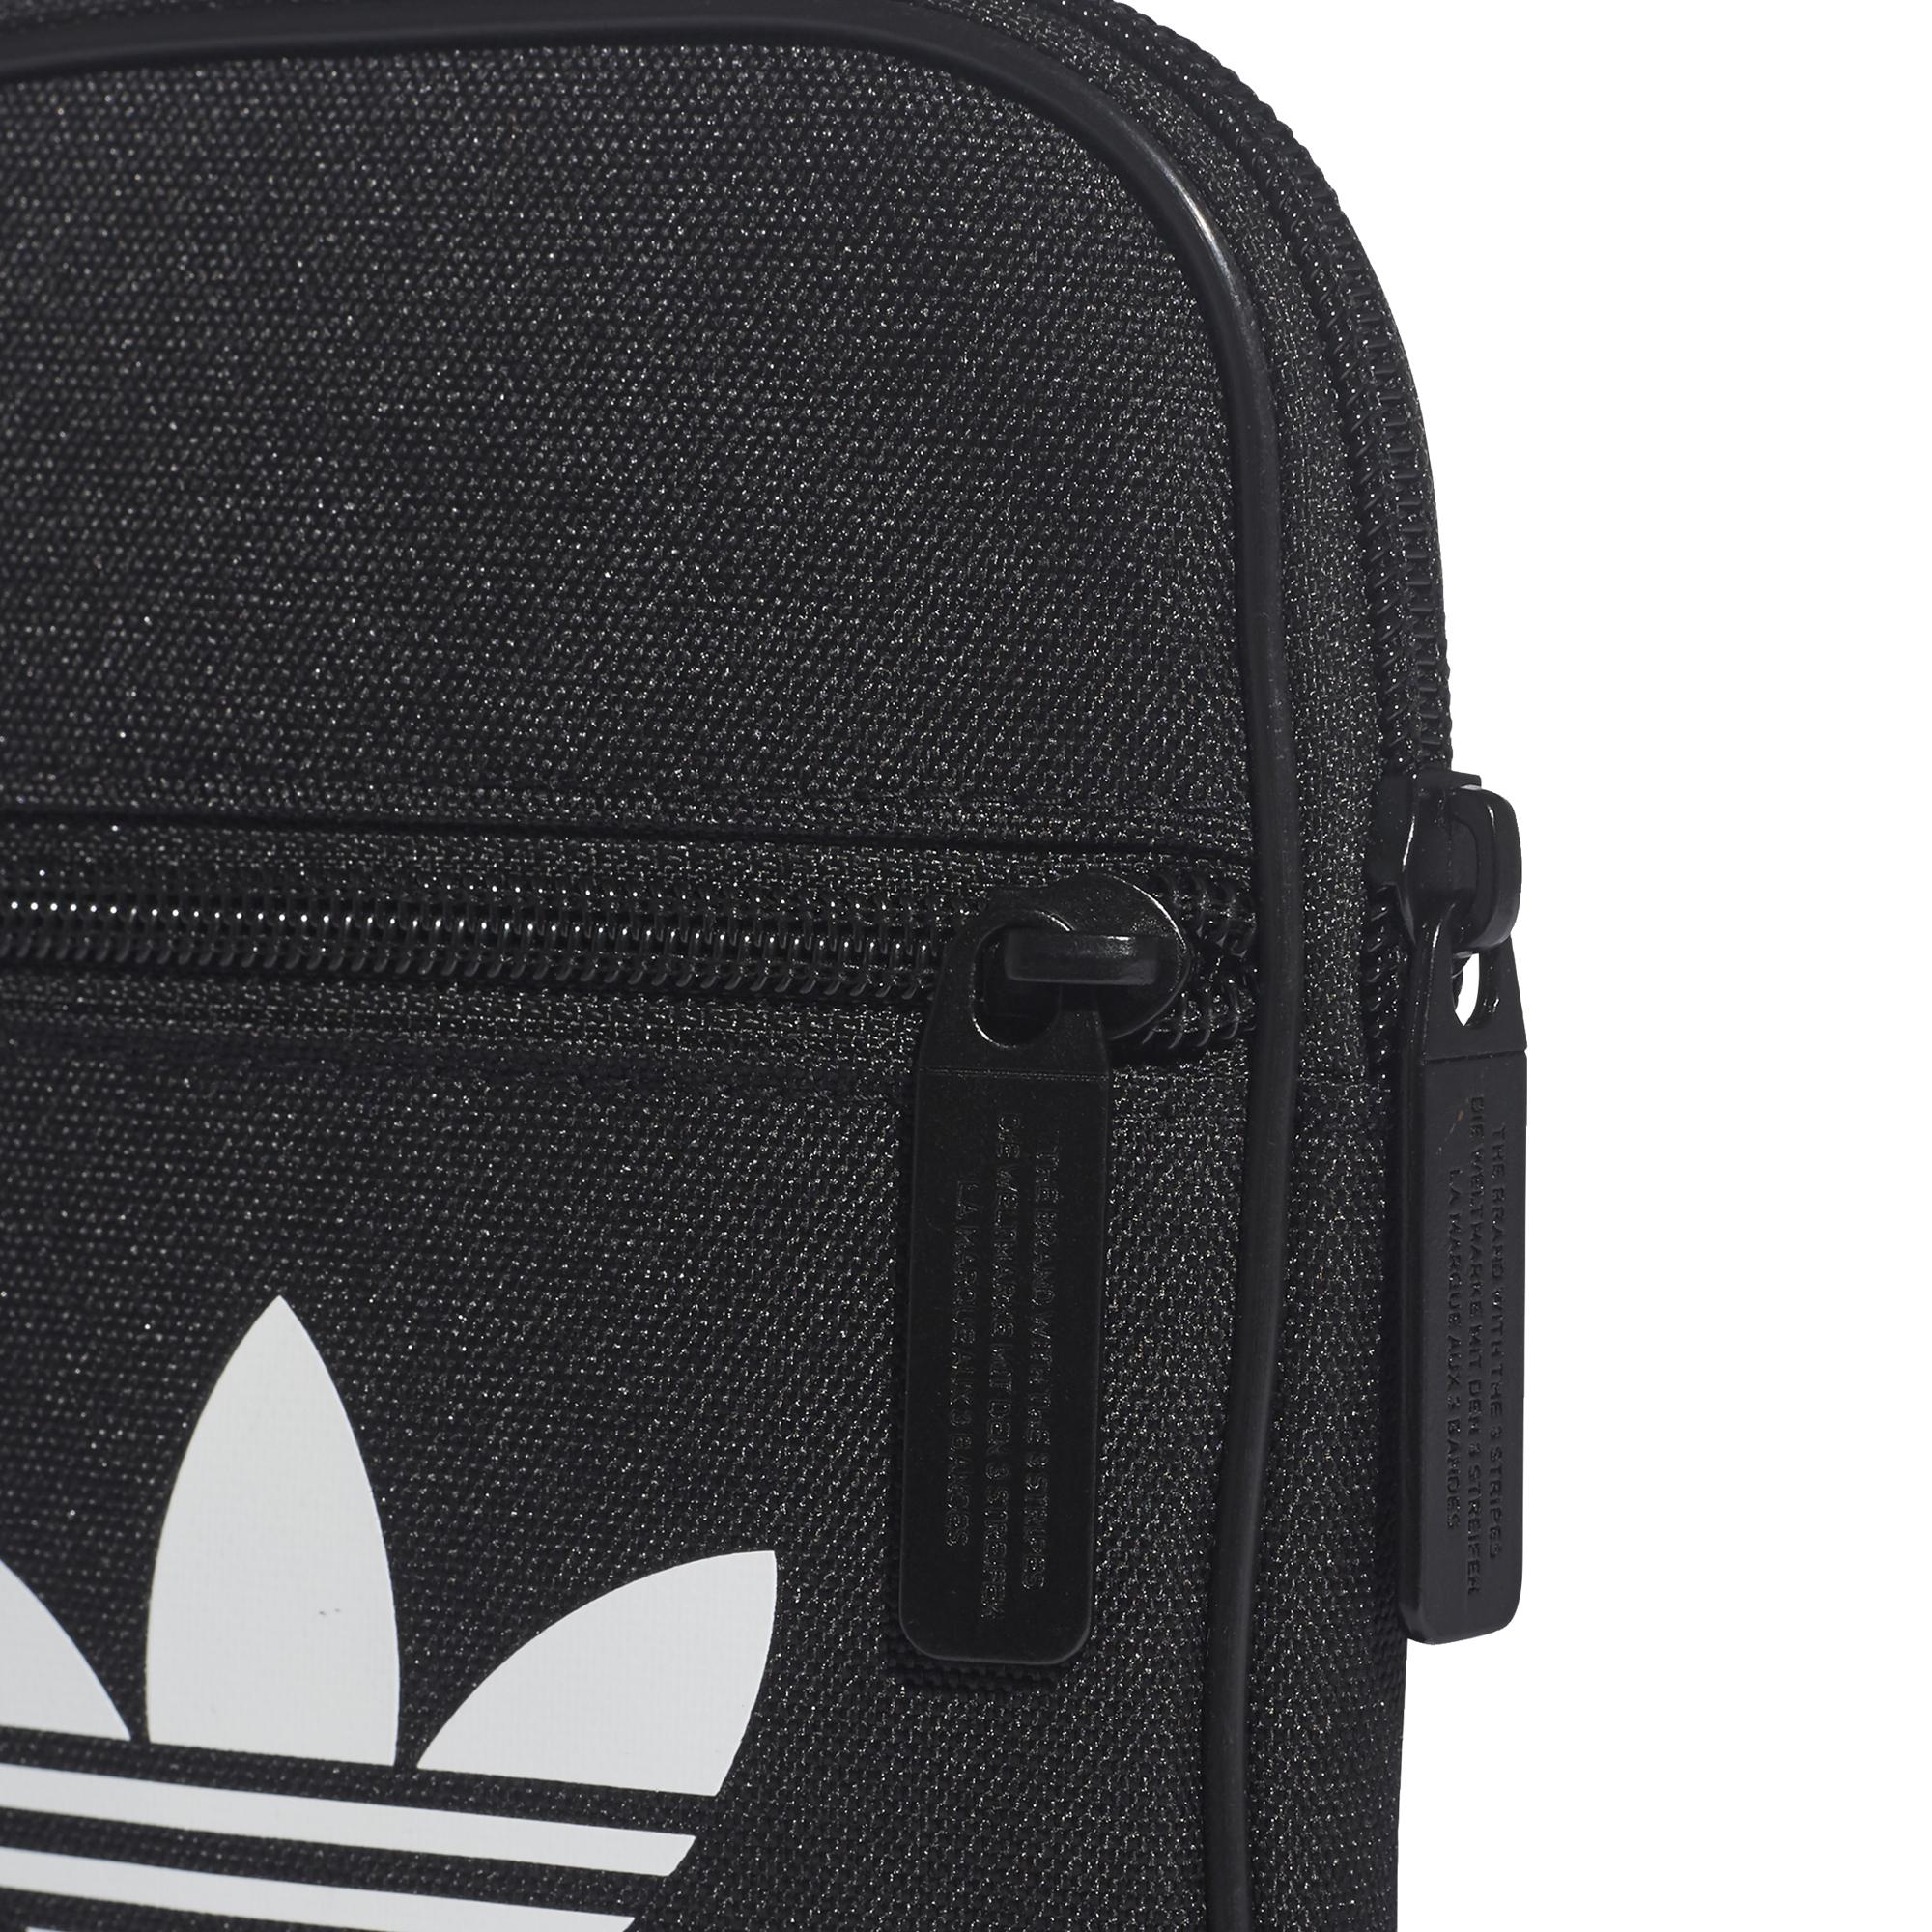 cc09cad4b mała czarna torebka saszetka adidas Trefoil Festival Bag BK6730 ...